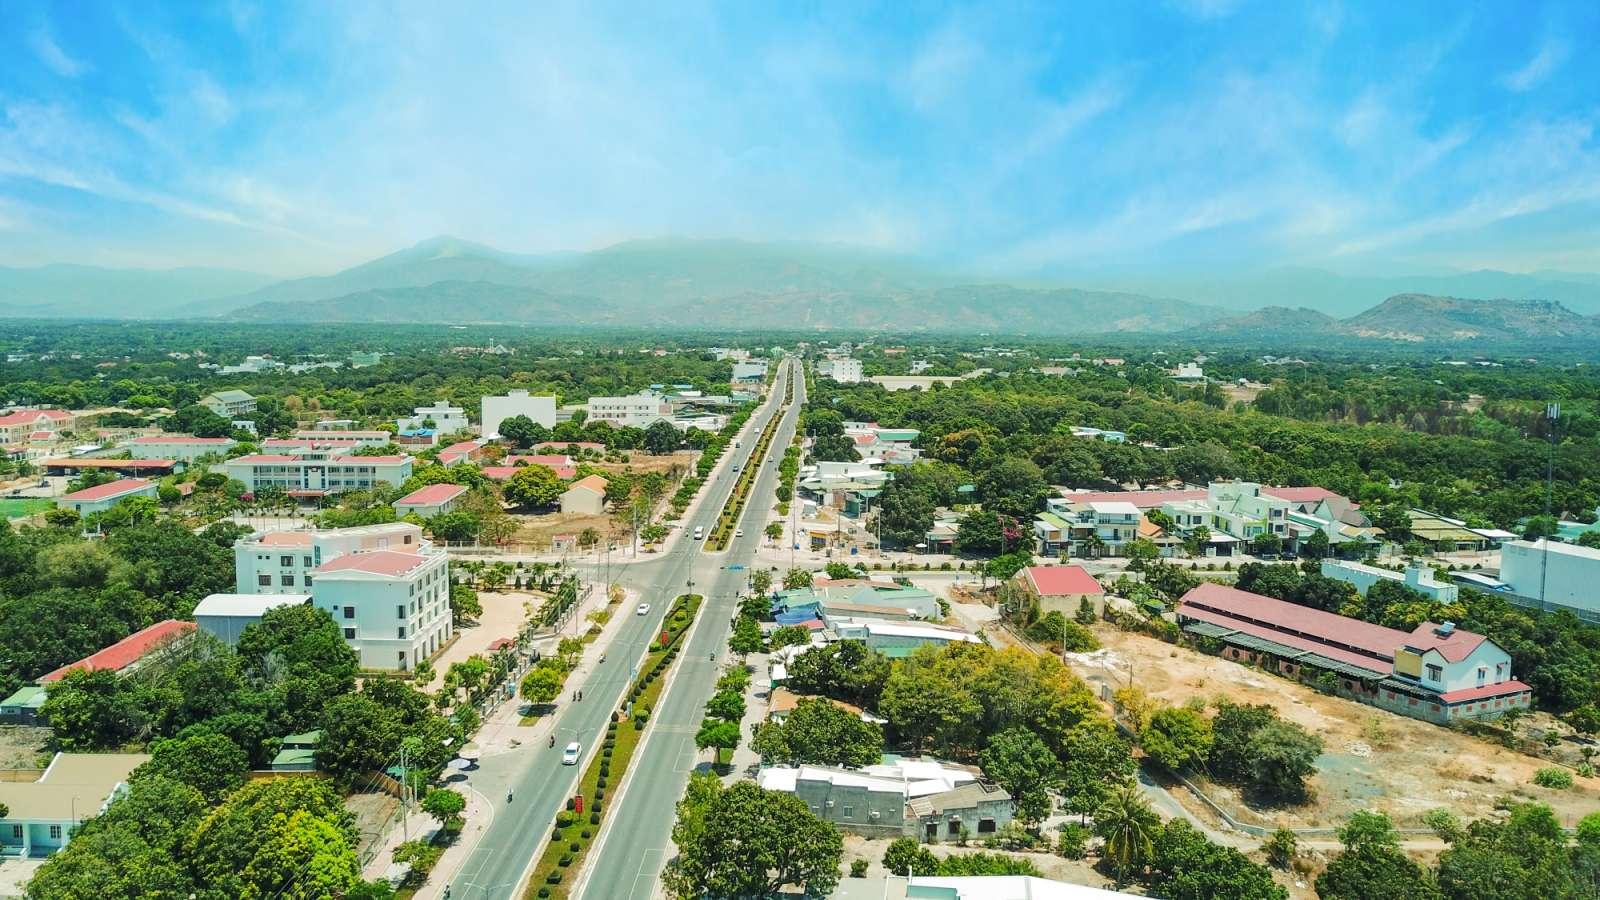 Trục đường huyết mạch Đinh Tiên Hoàng kết nối Bắc Bán Đảo Cam Ranh - Bãi Dài và trung tâm hành chính dân cư của Cam Lâm